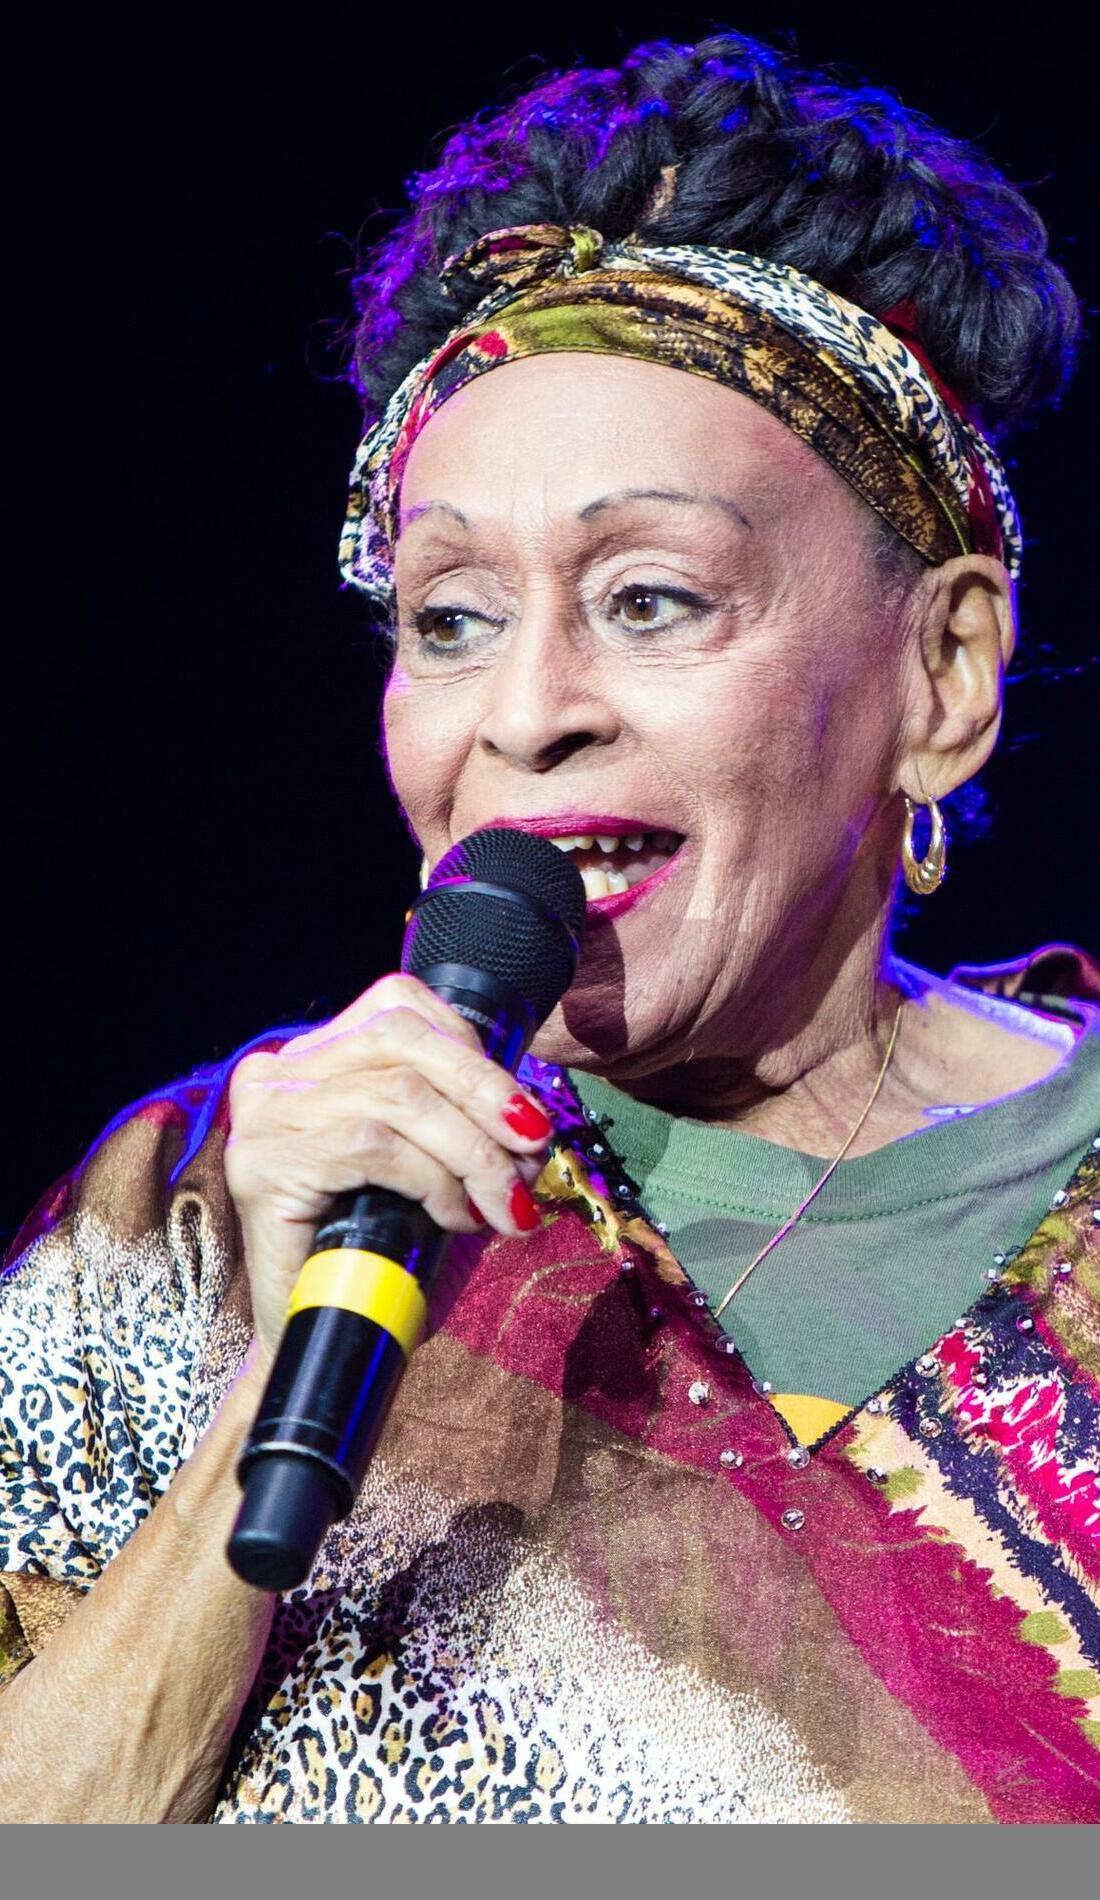 A Omara Portuondo live event